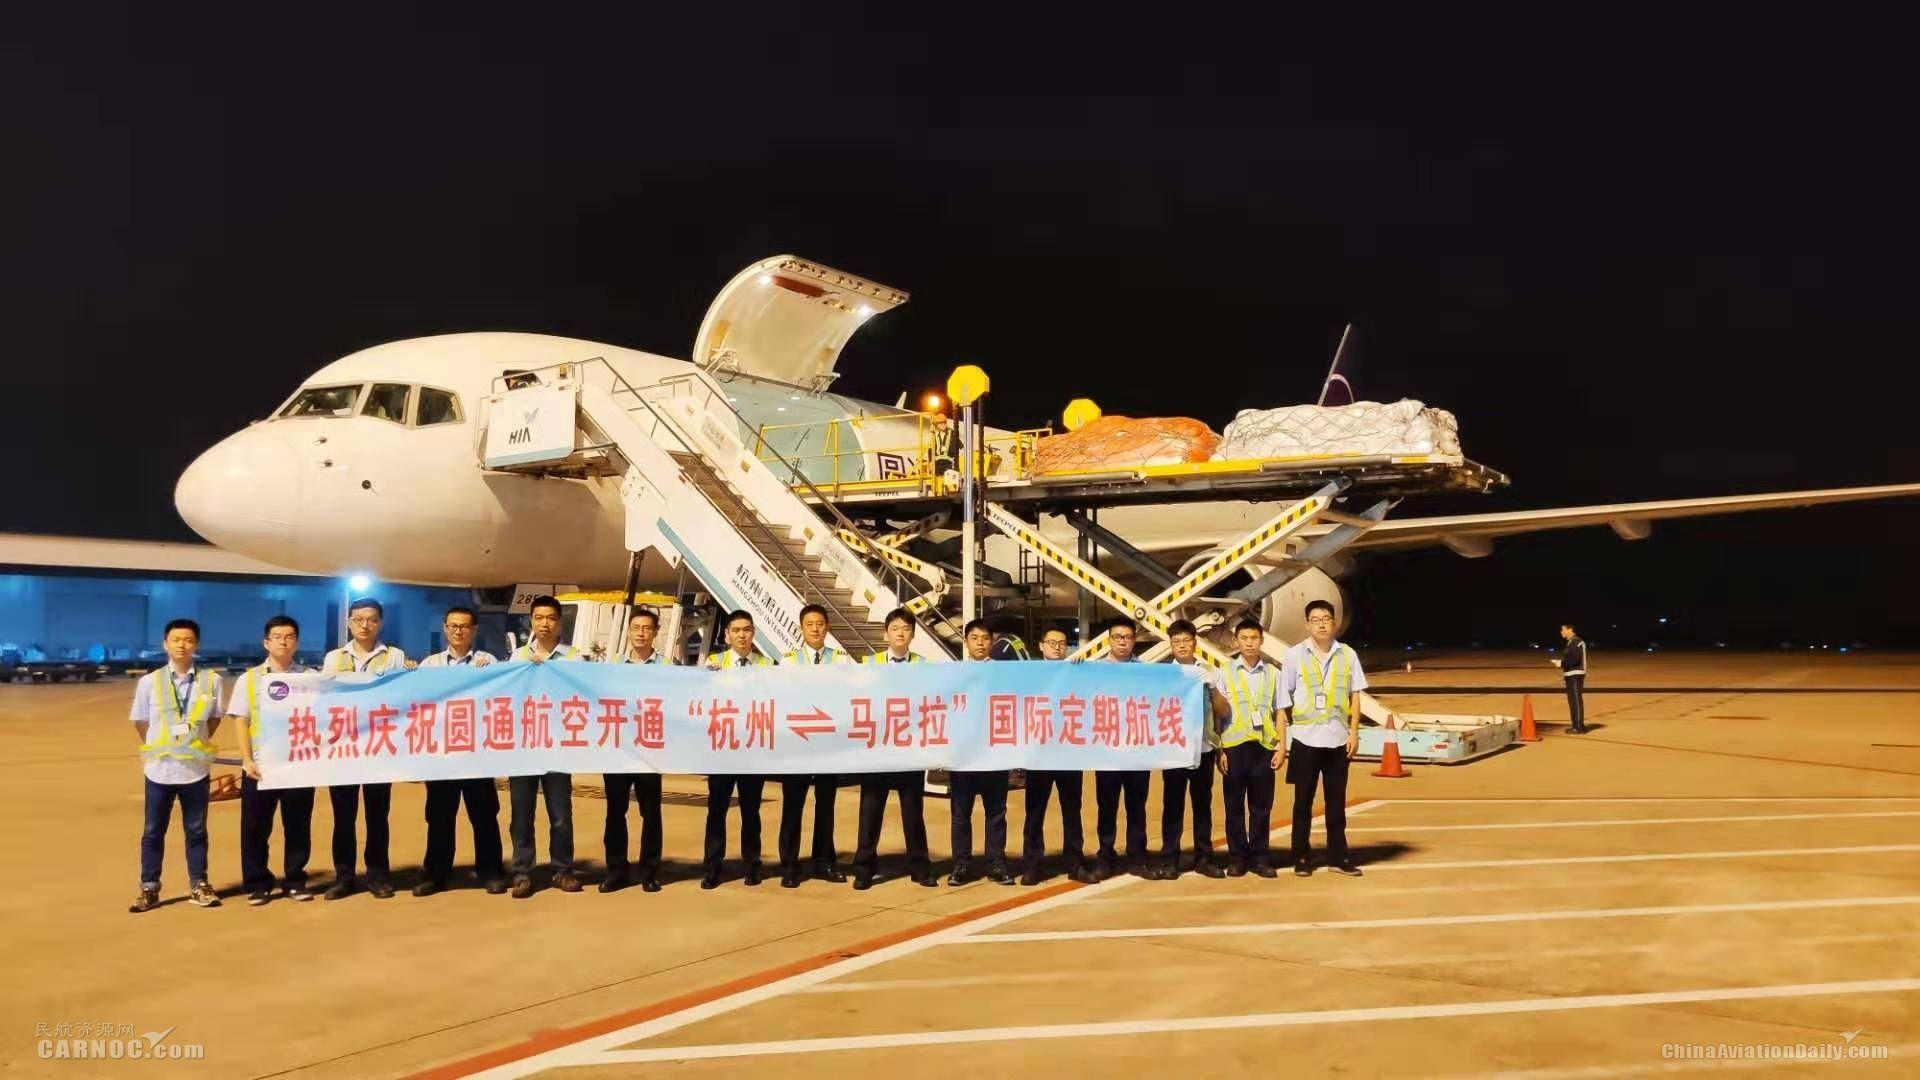 圆通航空开通杭州=马尼拉新航线 货邮吞吐量每年近8000吨